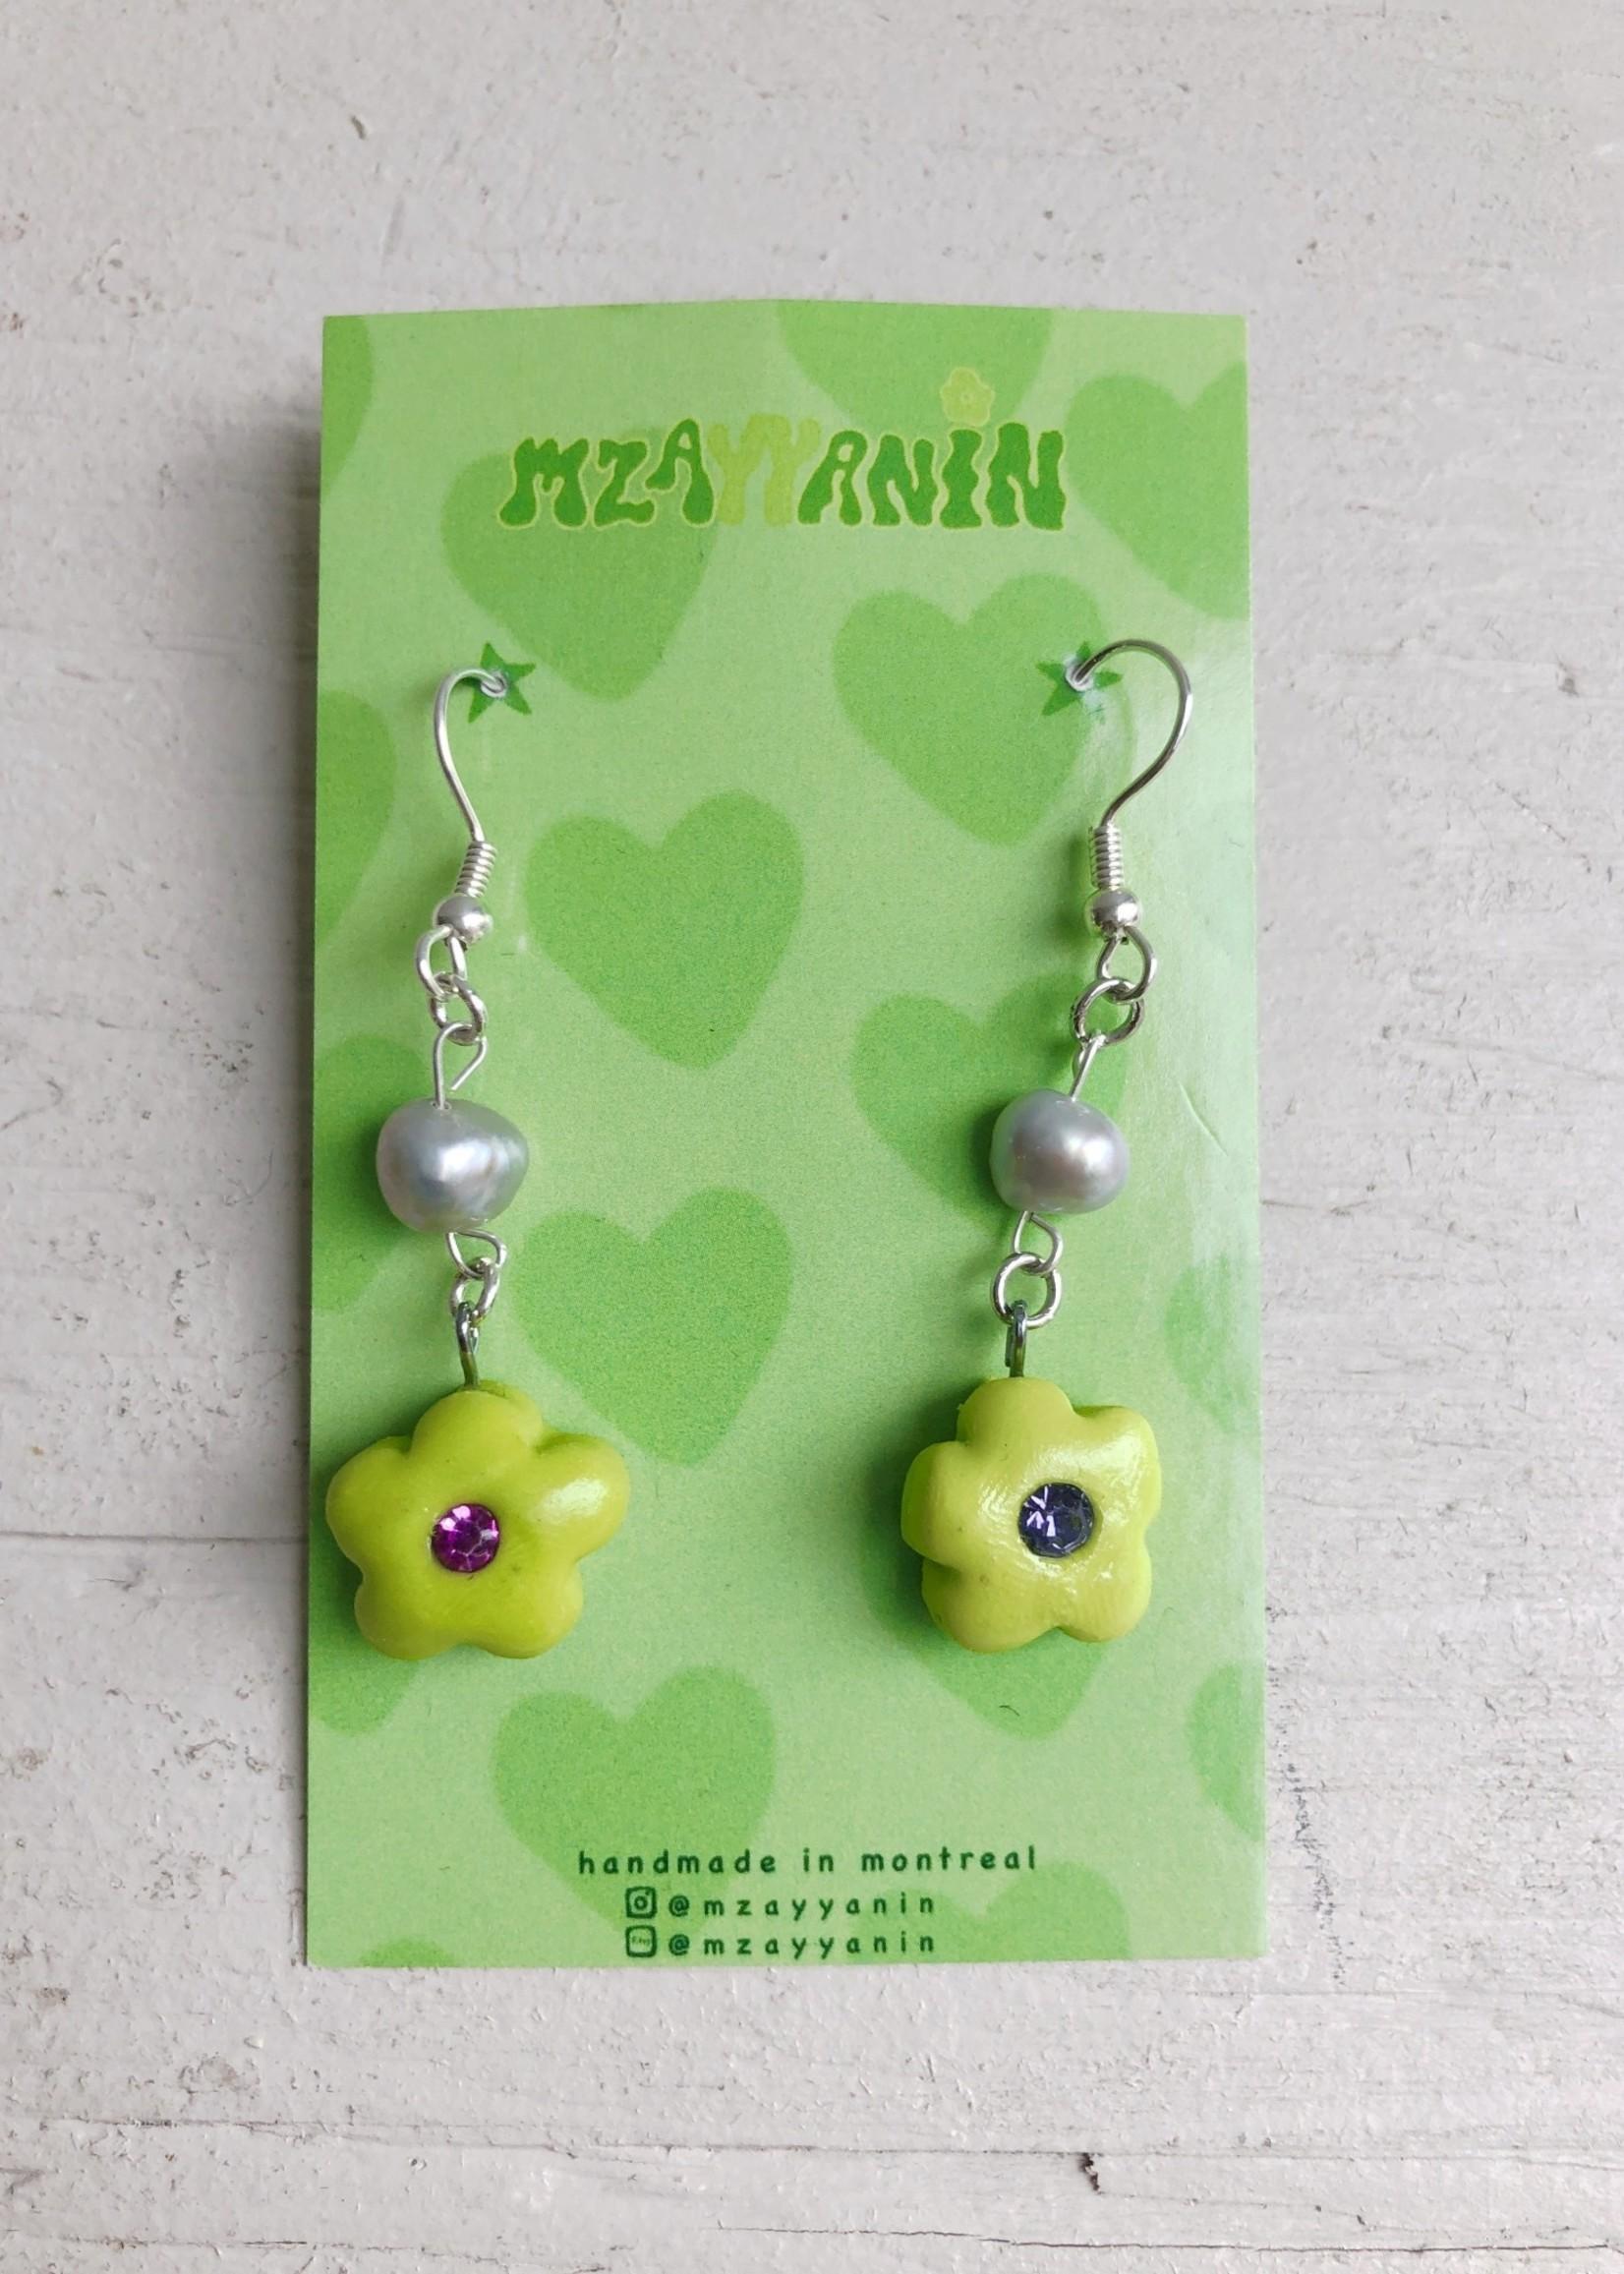 Mzayyanin Flower and Pearl Earrings by Mzayyanin